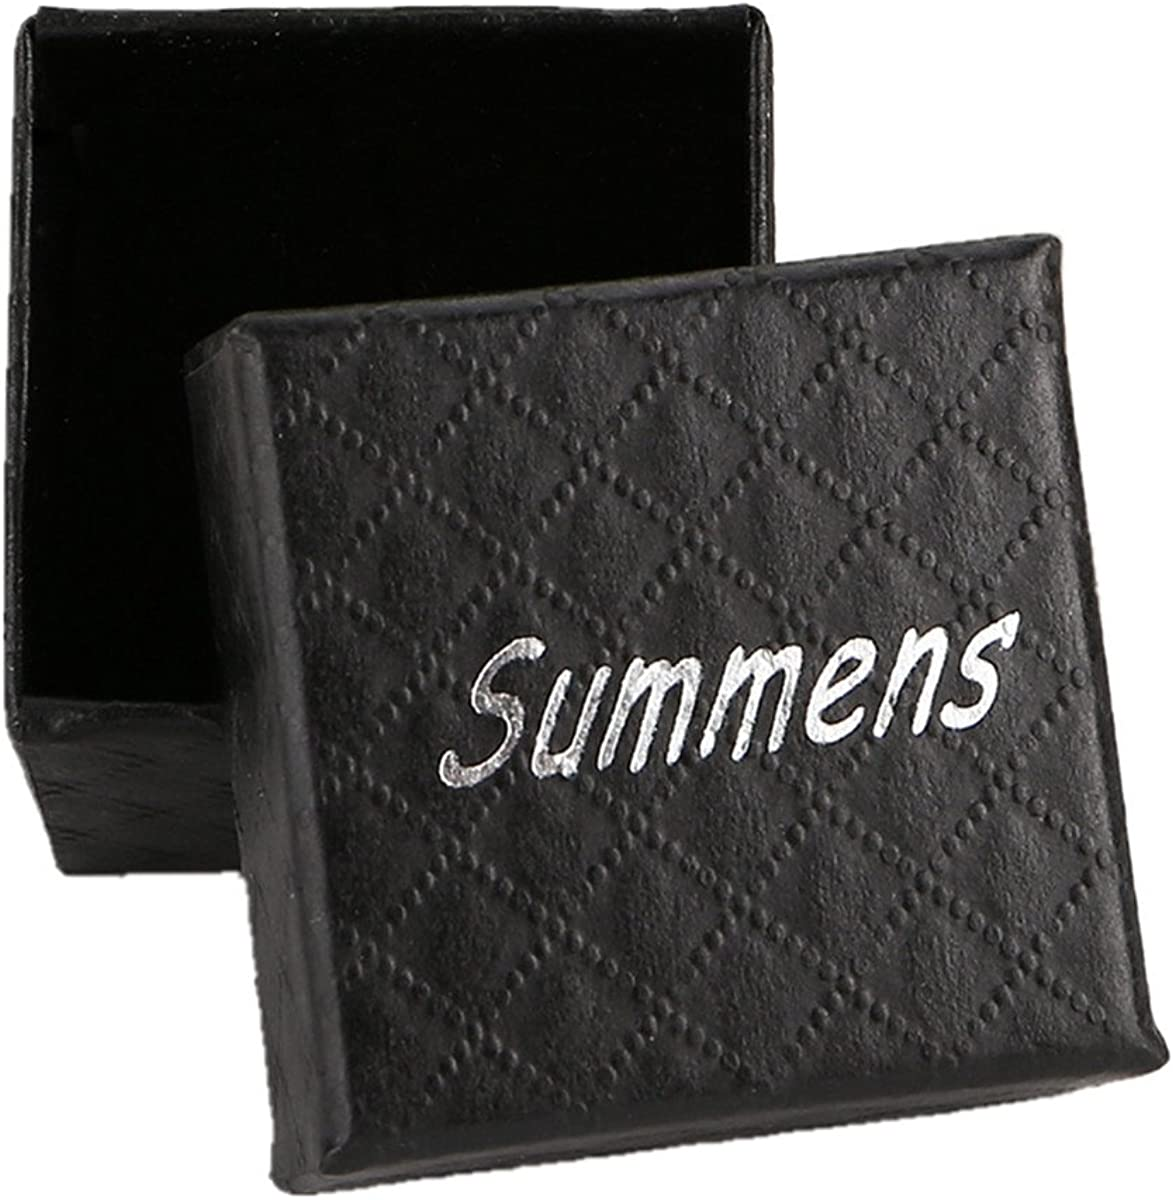 Summens Femmes Bijoux Zircon R/églable Bague Argent 925 Rings